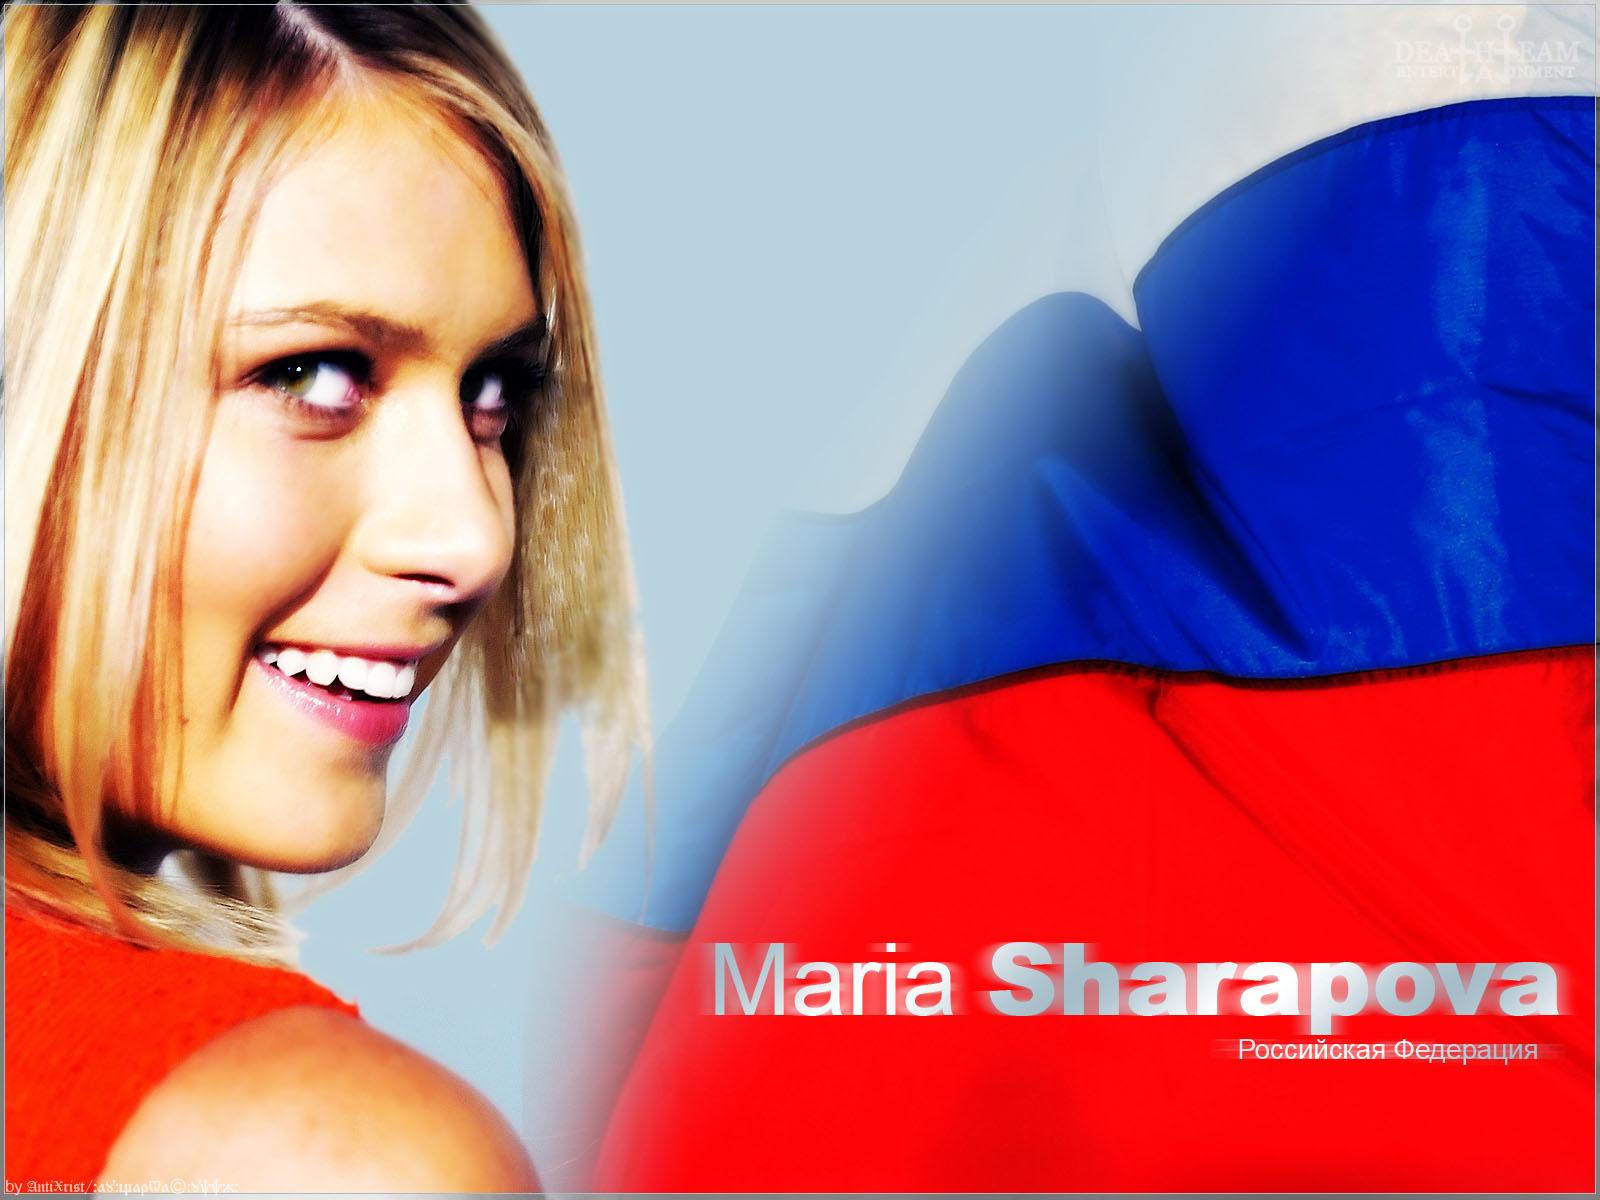 http://4.bp.blogspot.com/-QD5ZQukLuAs/UFYkYRleiCI/AAAAAAAADjs/WKJVNPtl8ew/s1600/Maria_Sharapova_HD_Wallpaper-2.jpg